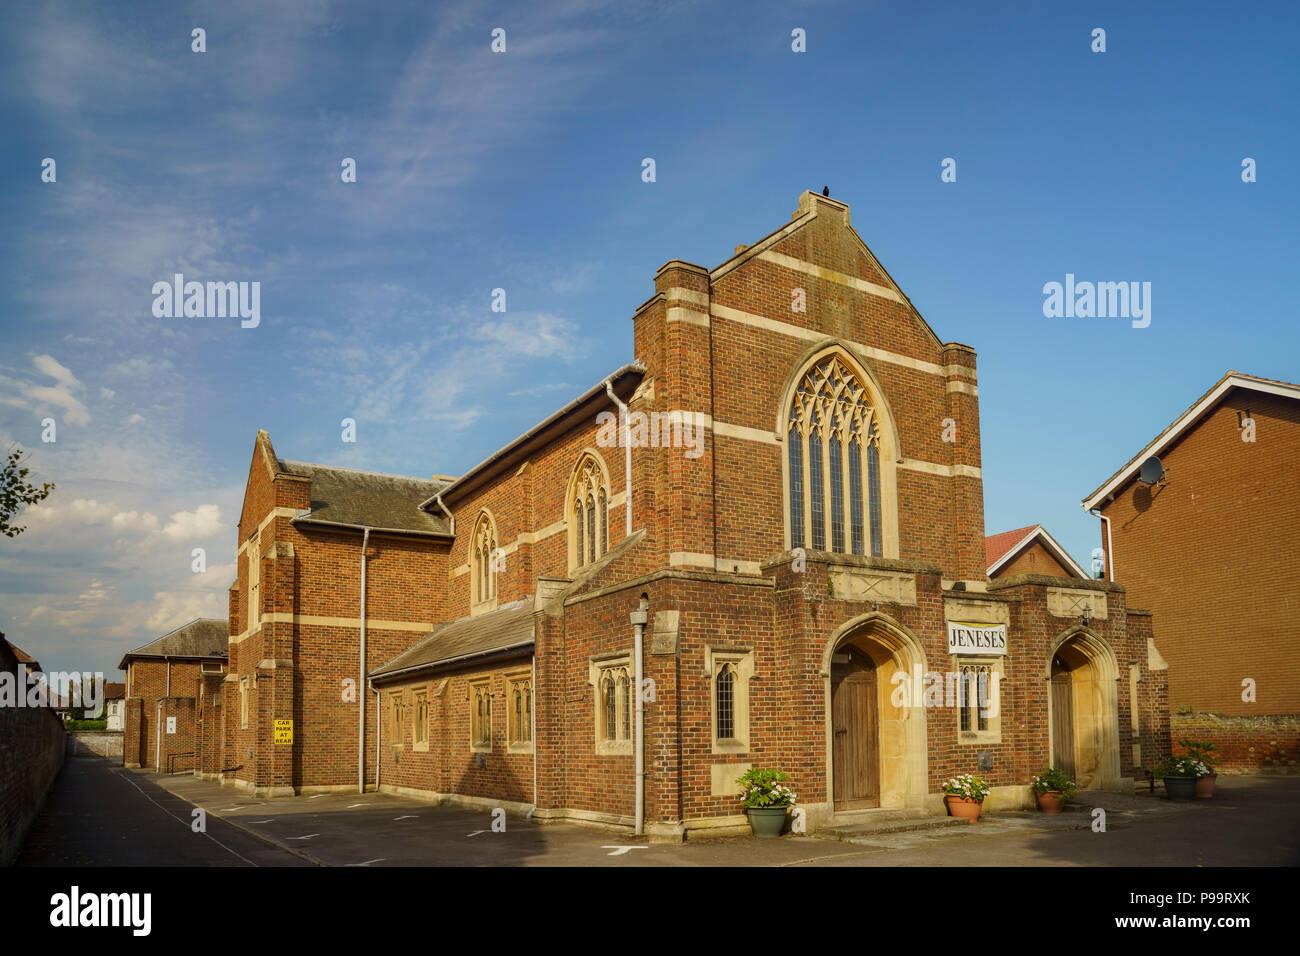 Die igreja AD Novo Dia-Kirche in Bognor Regis, Großbritannien Stockbild